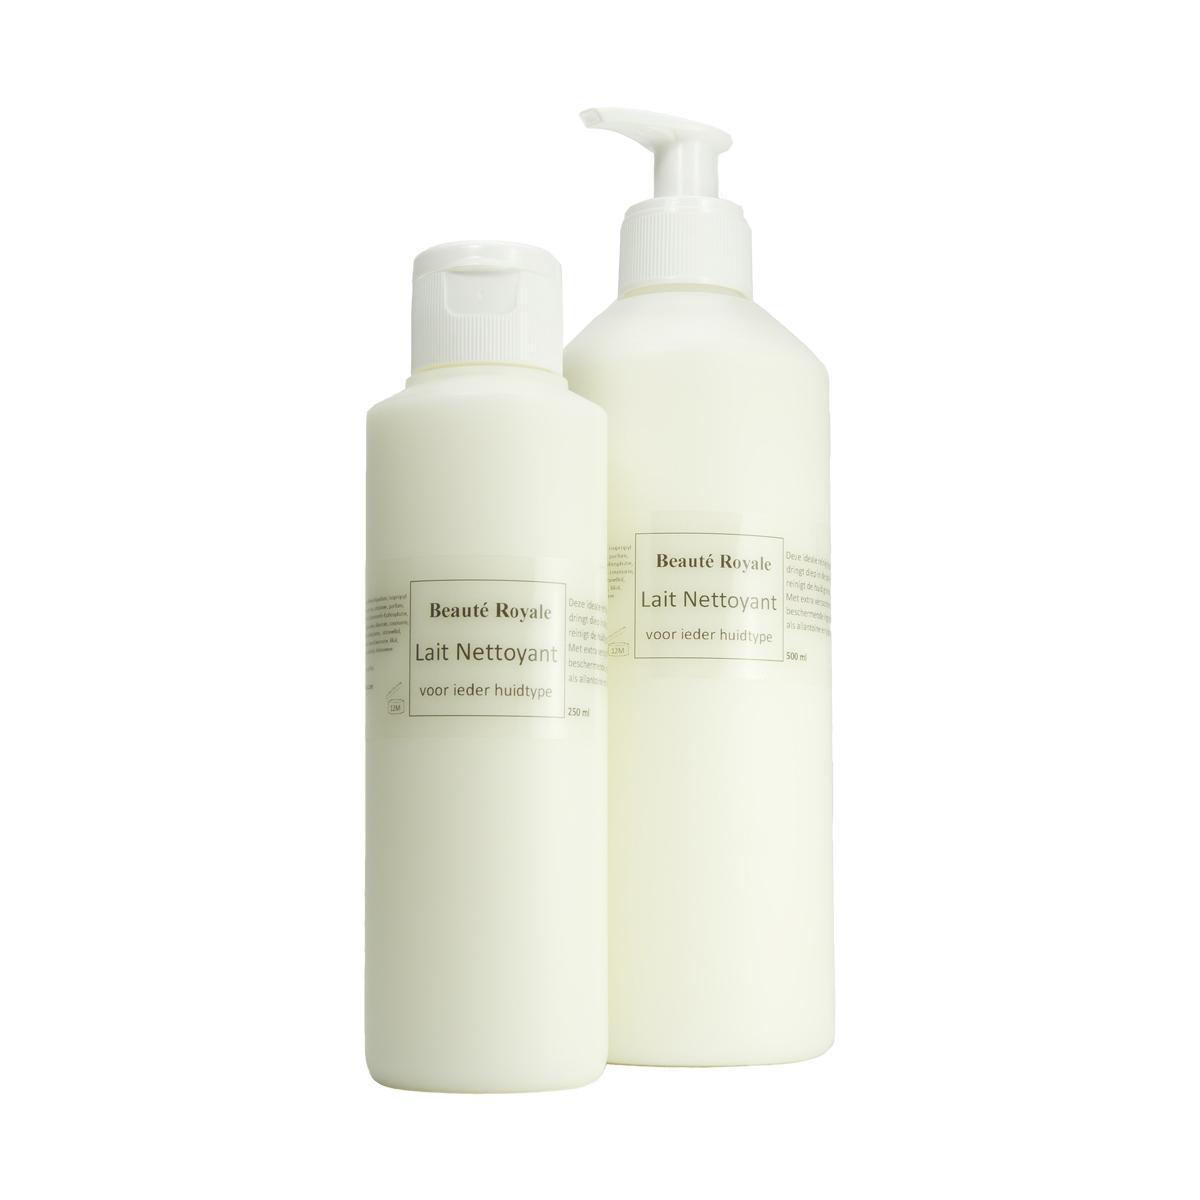 Beauté Royale Reinigingsmelk voor ieder huidtype